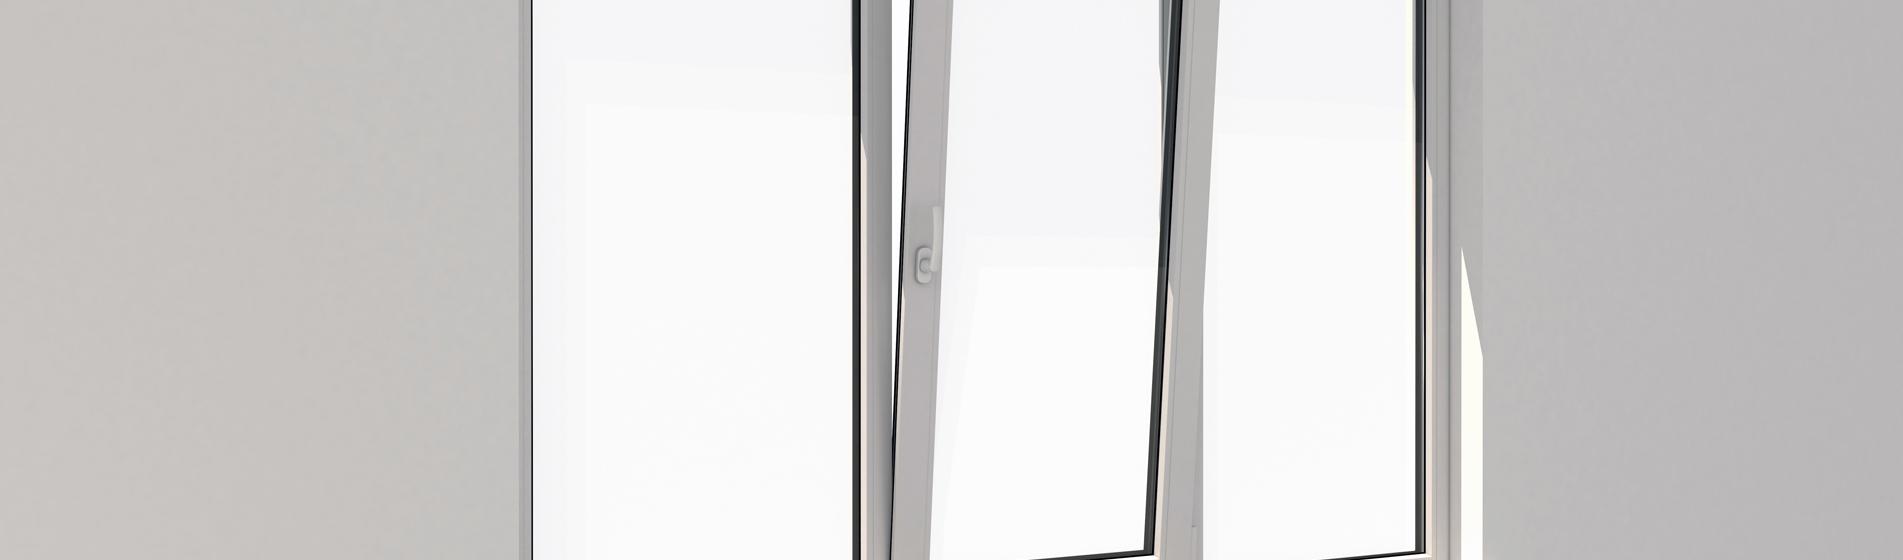 rénovation fenêtre pvc sur-mesure 30 Gard